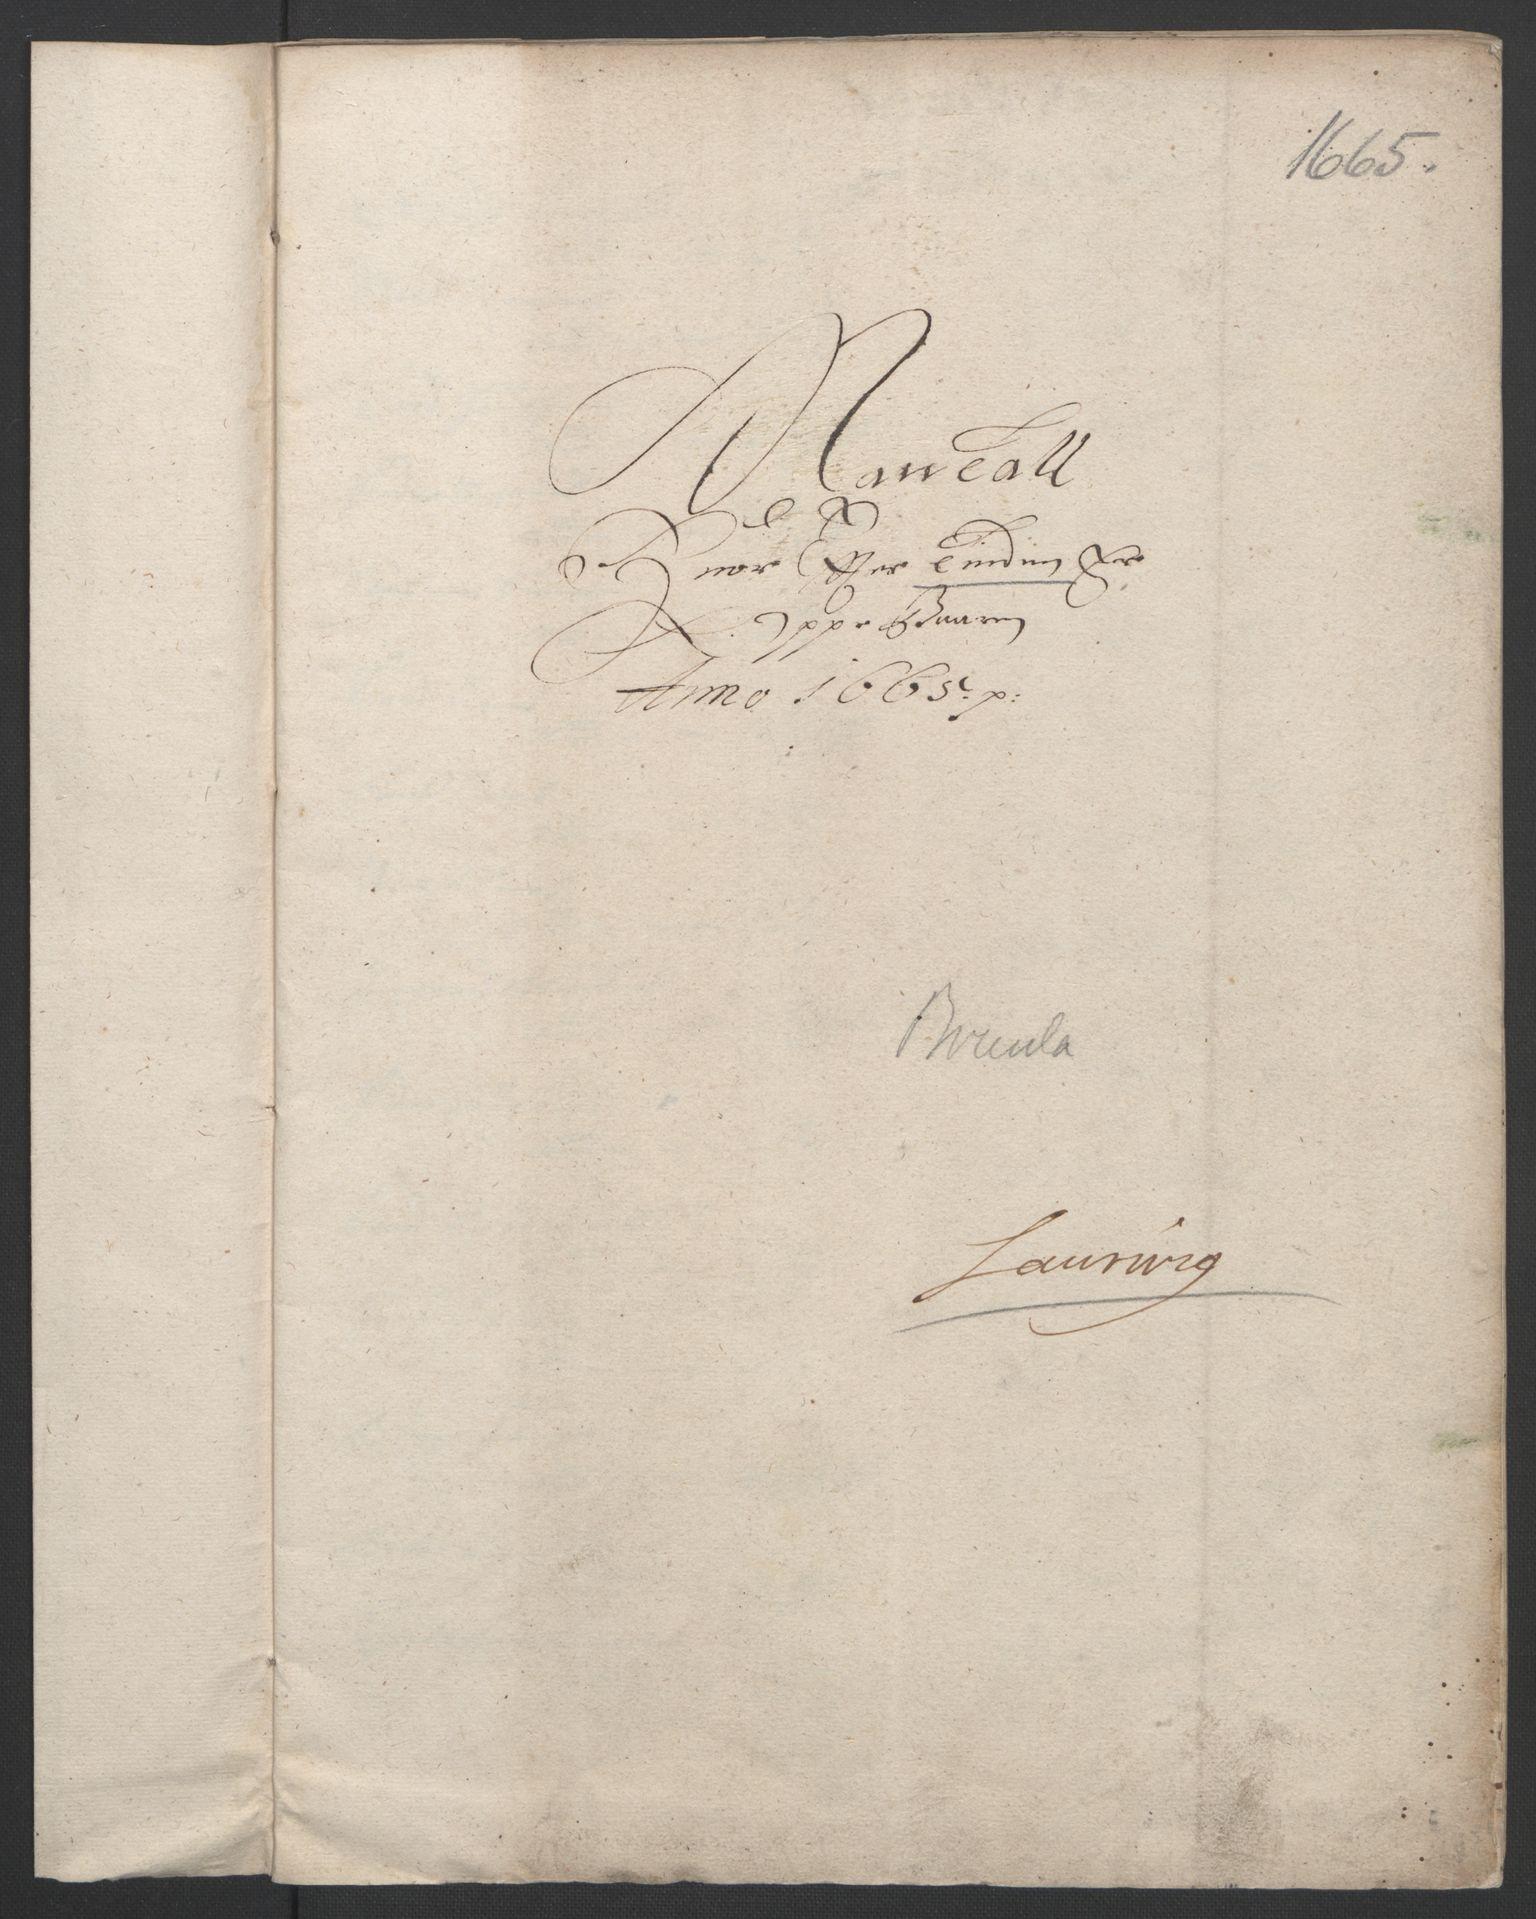 RA, Rentekammeret inntil 1814, Reviderte regnskaper, Fogderegnskap, R33/L1964: Fogderegnskap Larvik grevskap, 1665-1668, s. 20